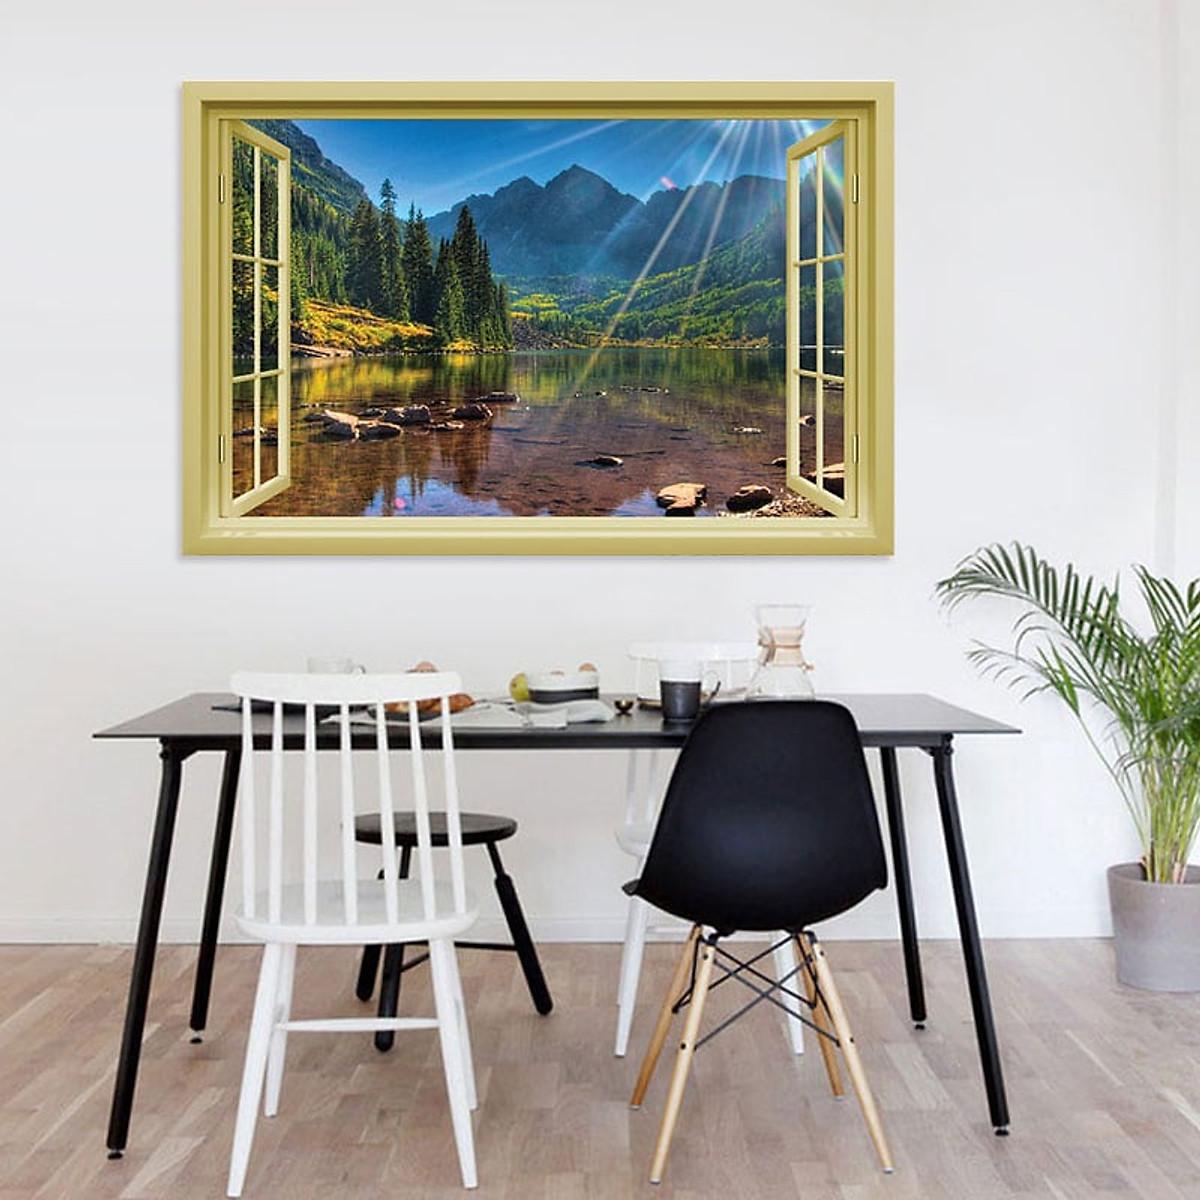 Decal cửa sổ  Cánh rừng và hồ nước châu Âu WD119 | Decal dán tường PVC cao cấp - 4